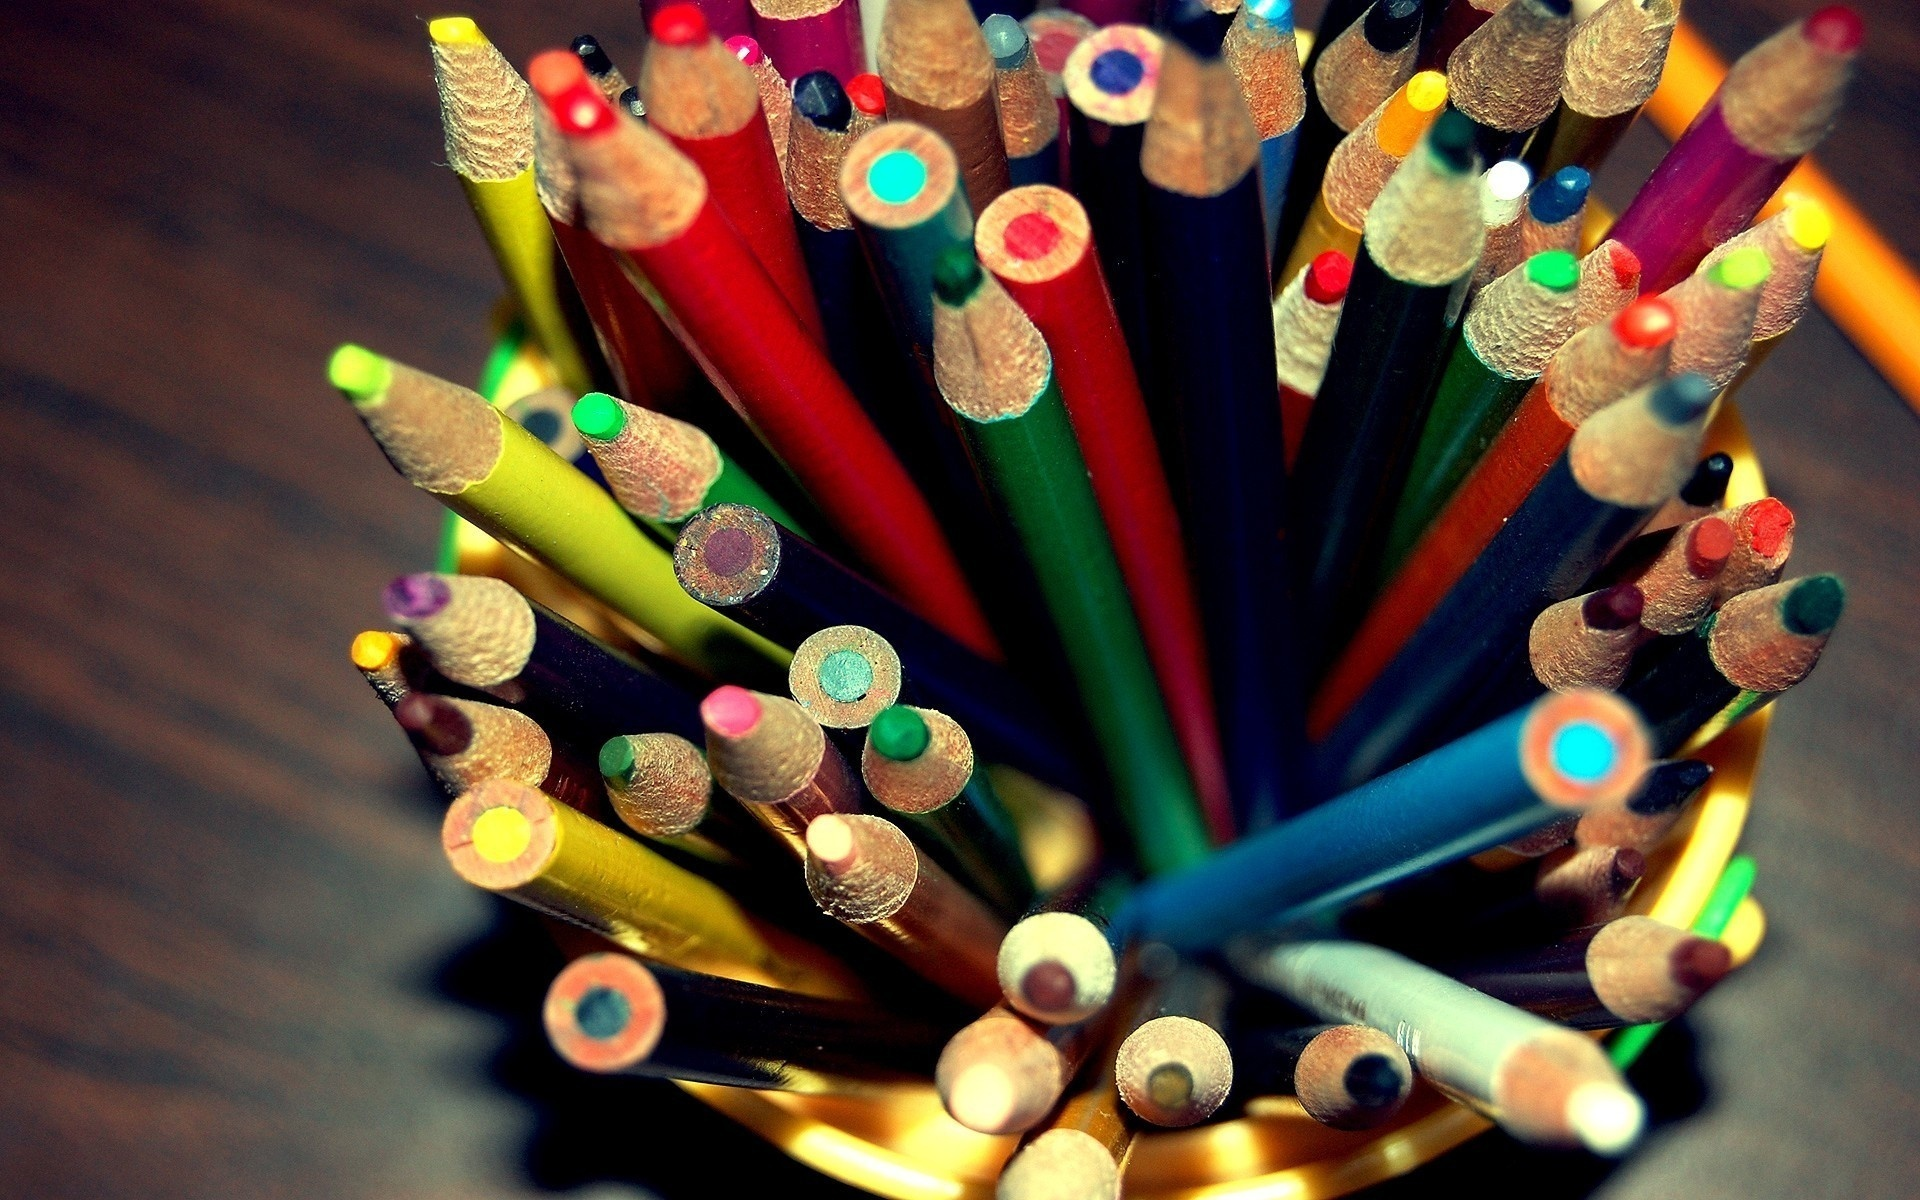 разноцветные карандаши  № 2931999 загрузить